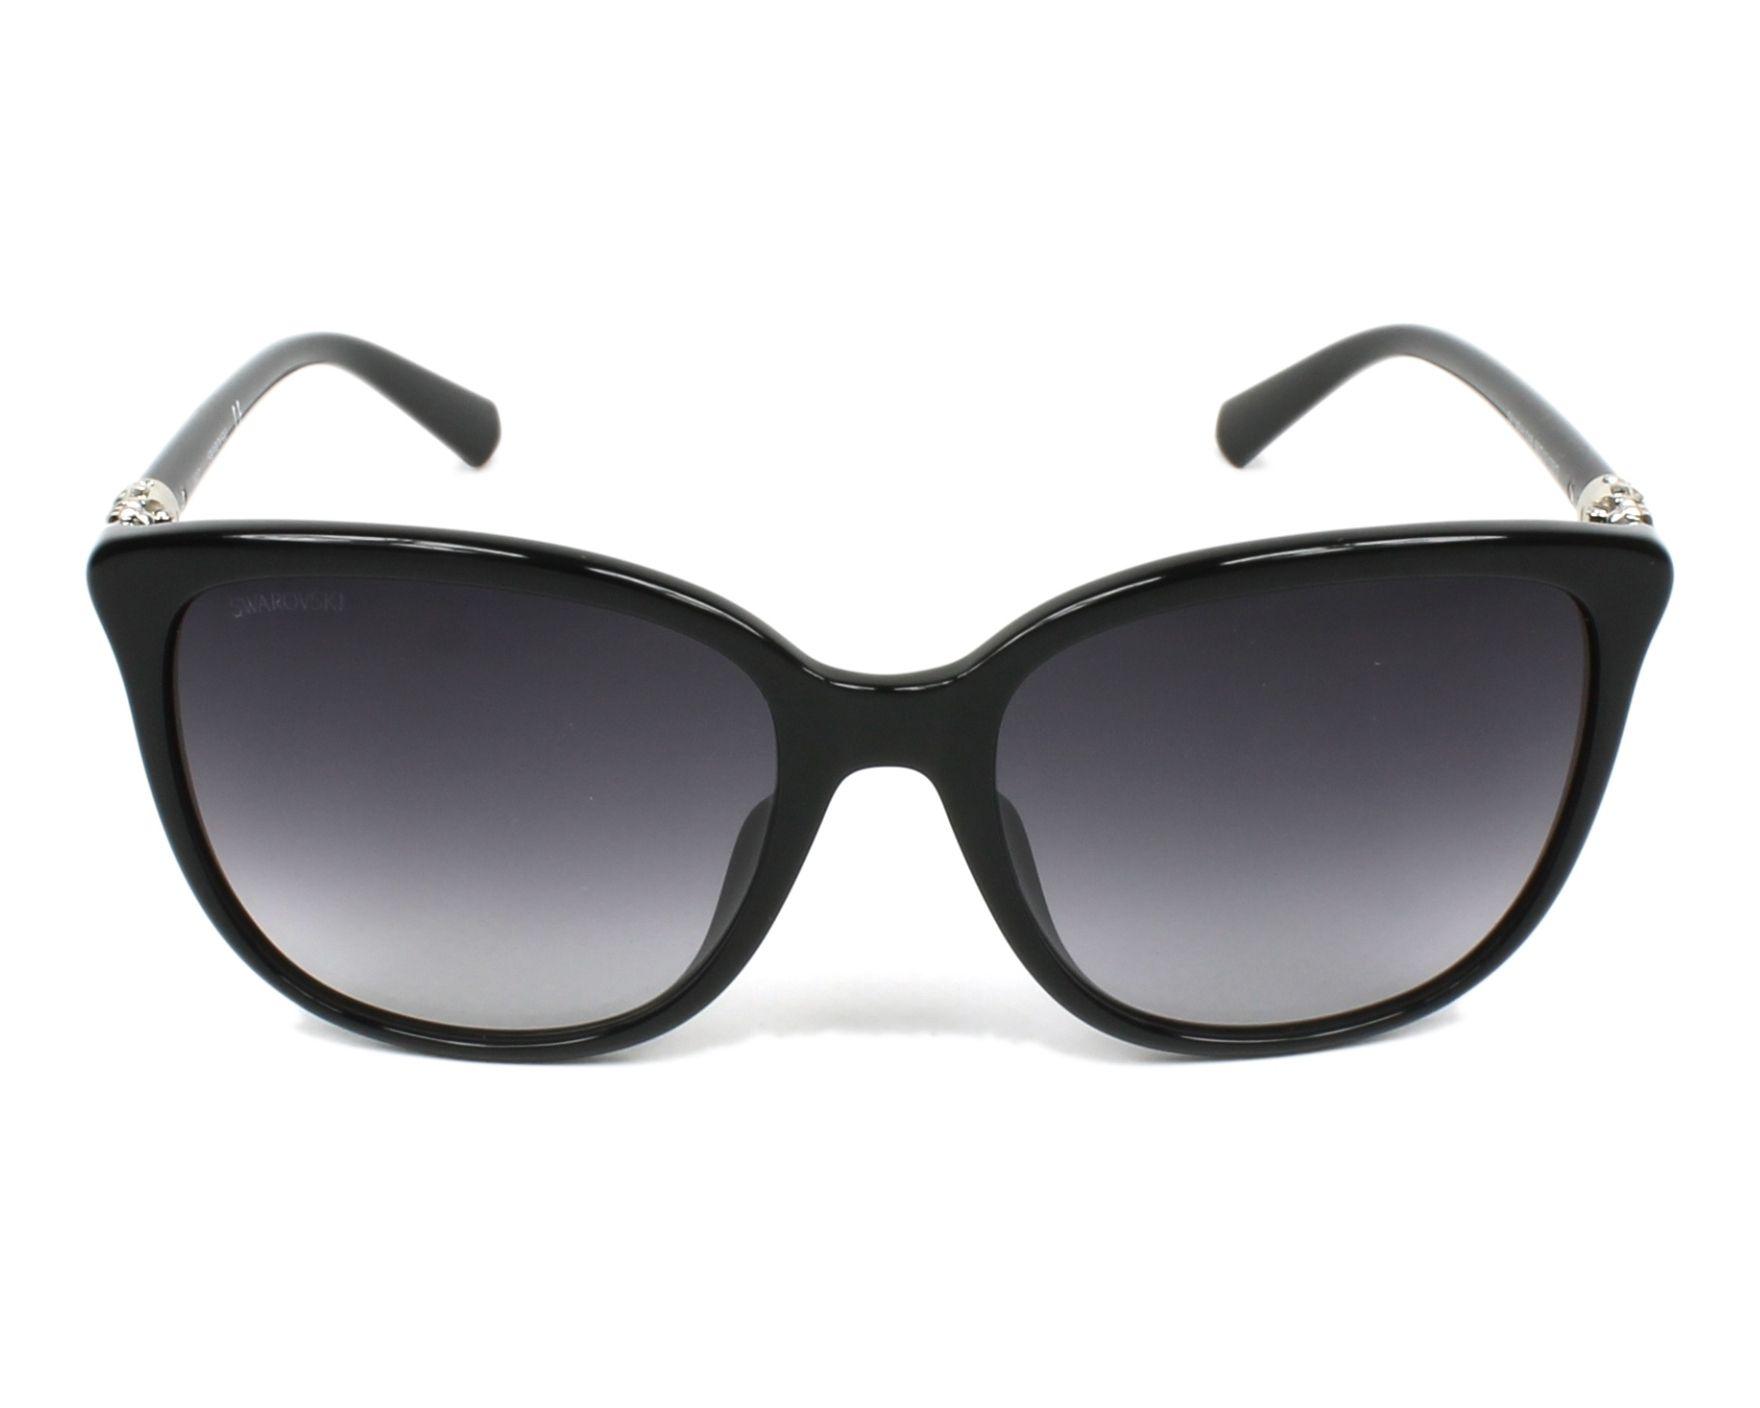 fb6805fae9 Gafas de sol Swarovski SK-0146-H 01B 56-17 Negra vista de